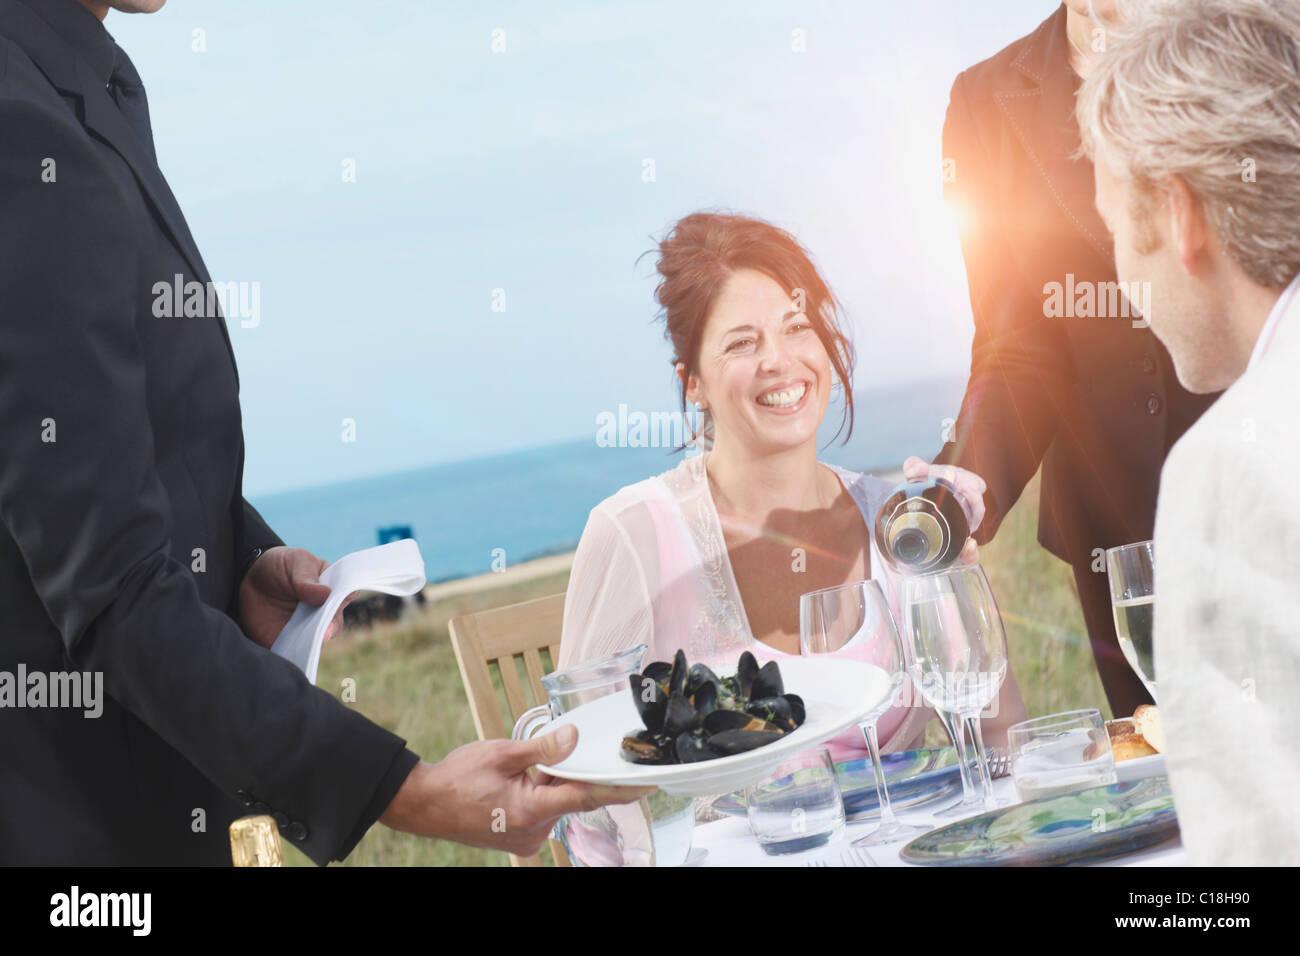 Romantic getaway - Stock Image